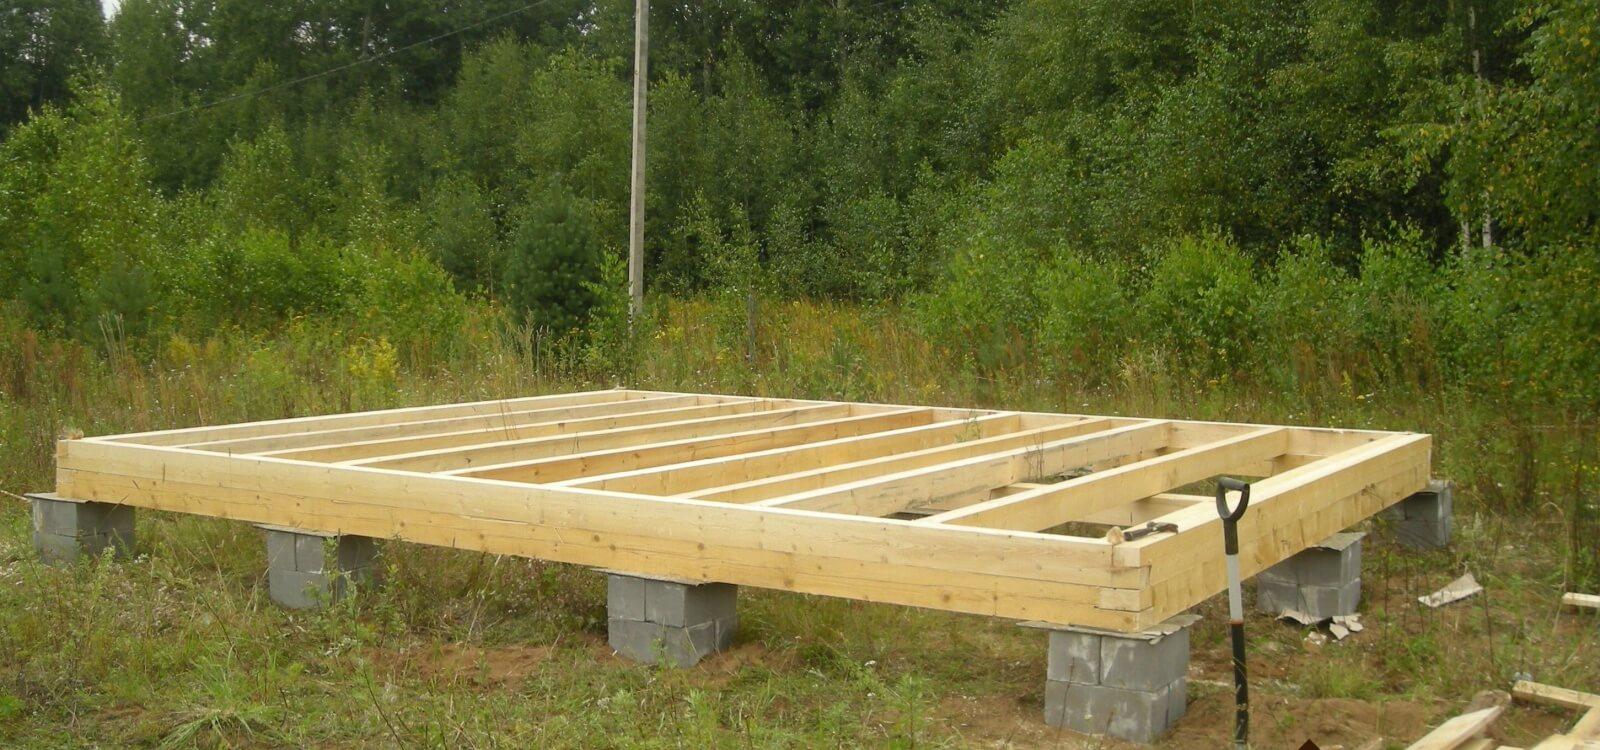 блочный фундамент для дома из бруса своими руками НДС принято